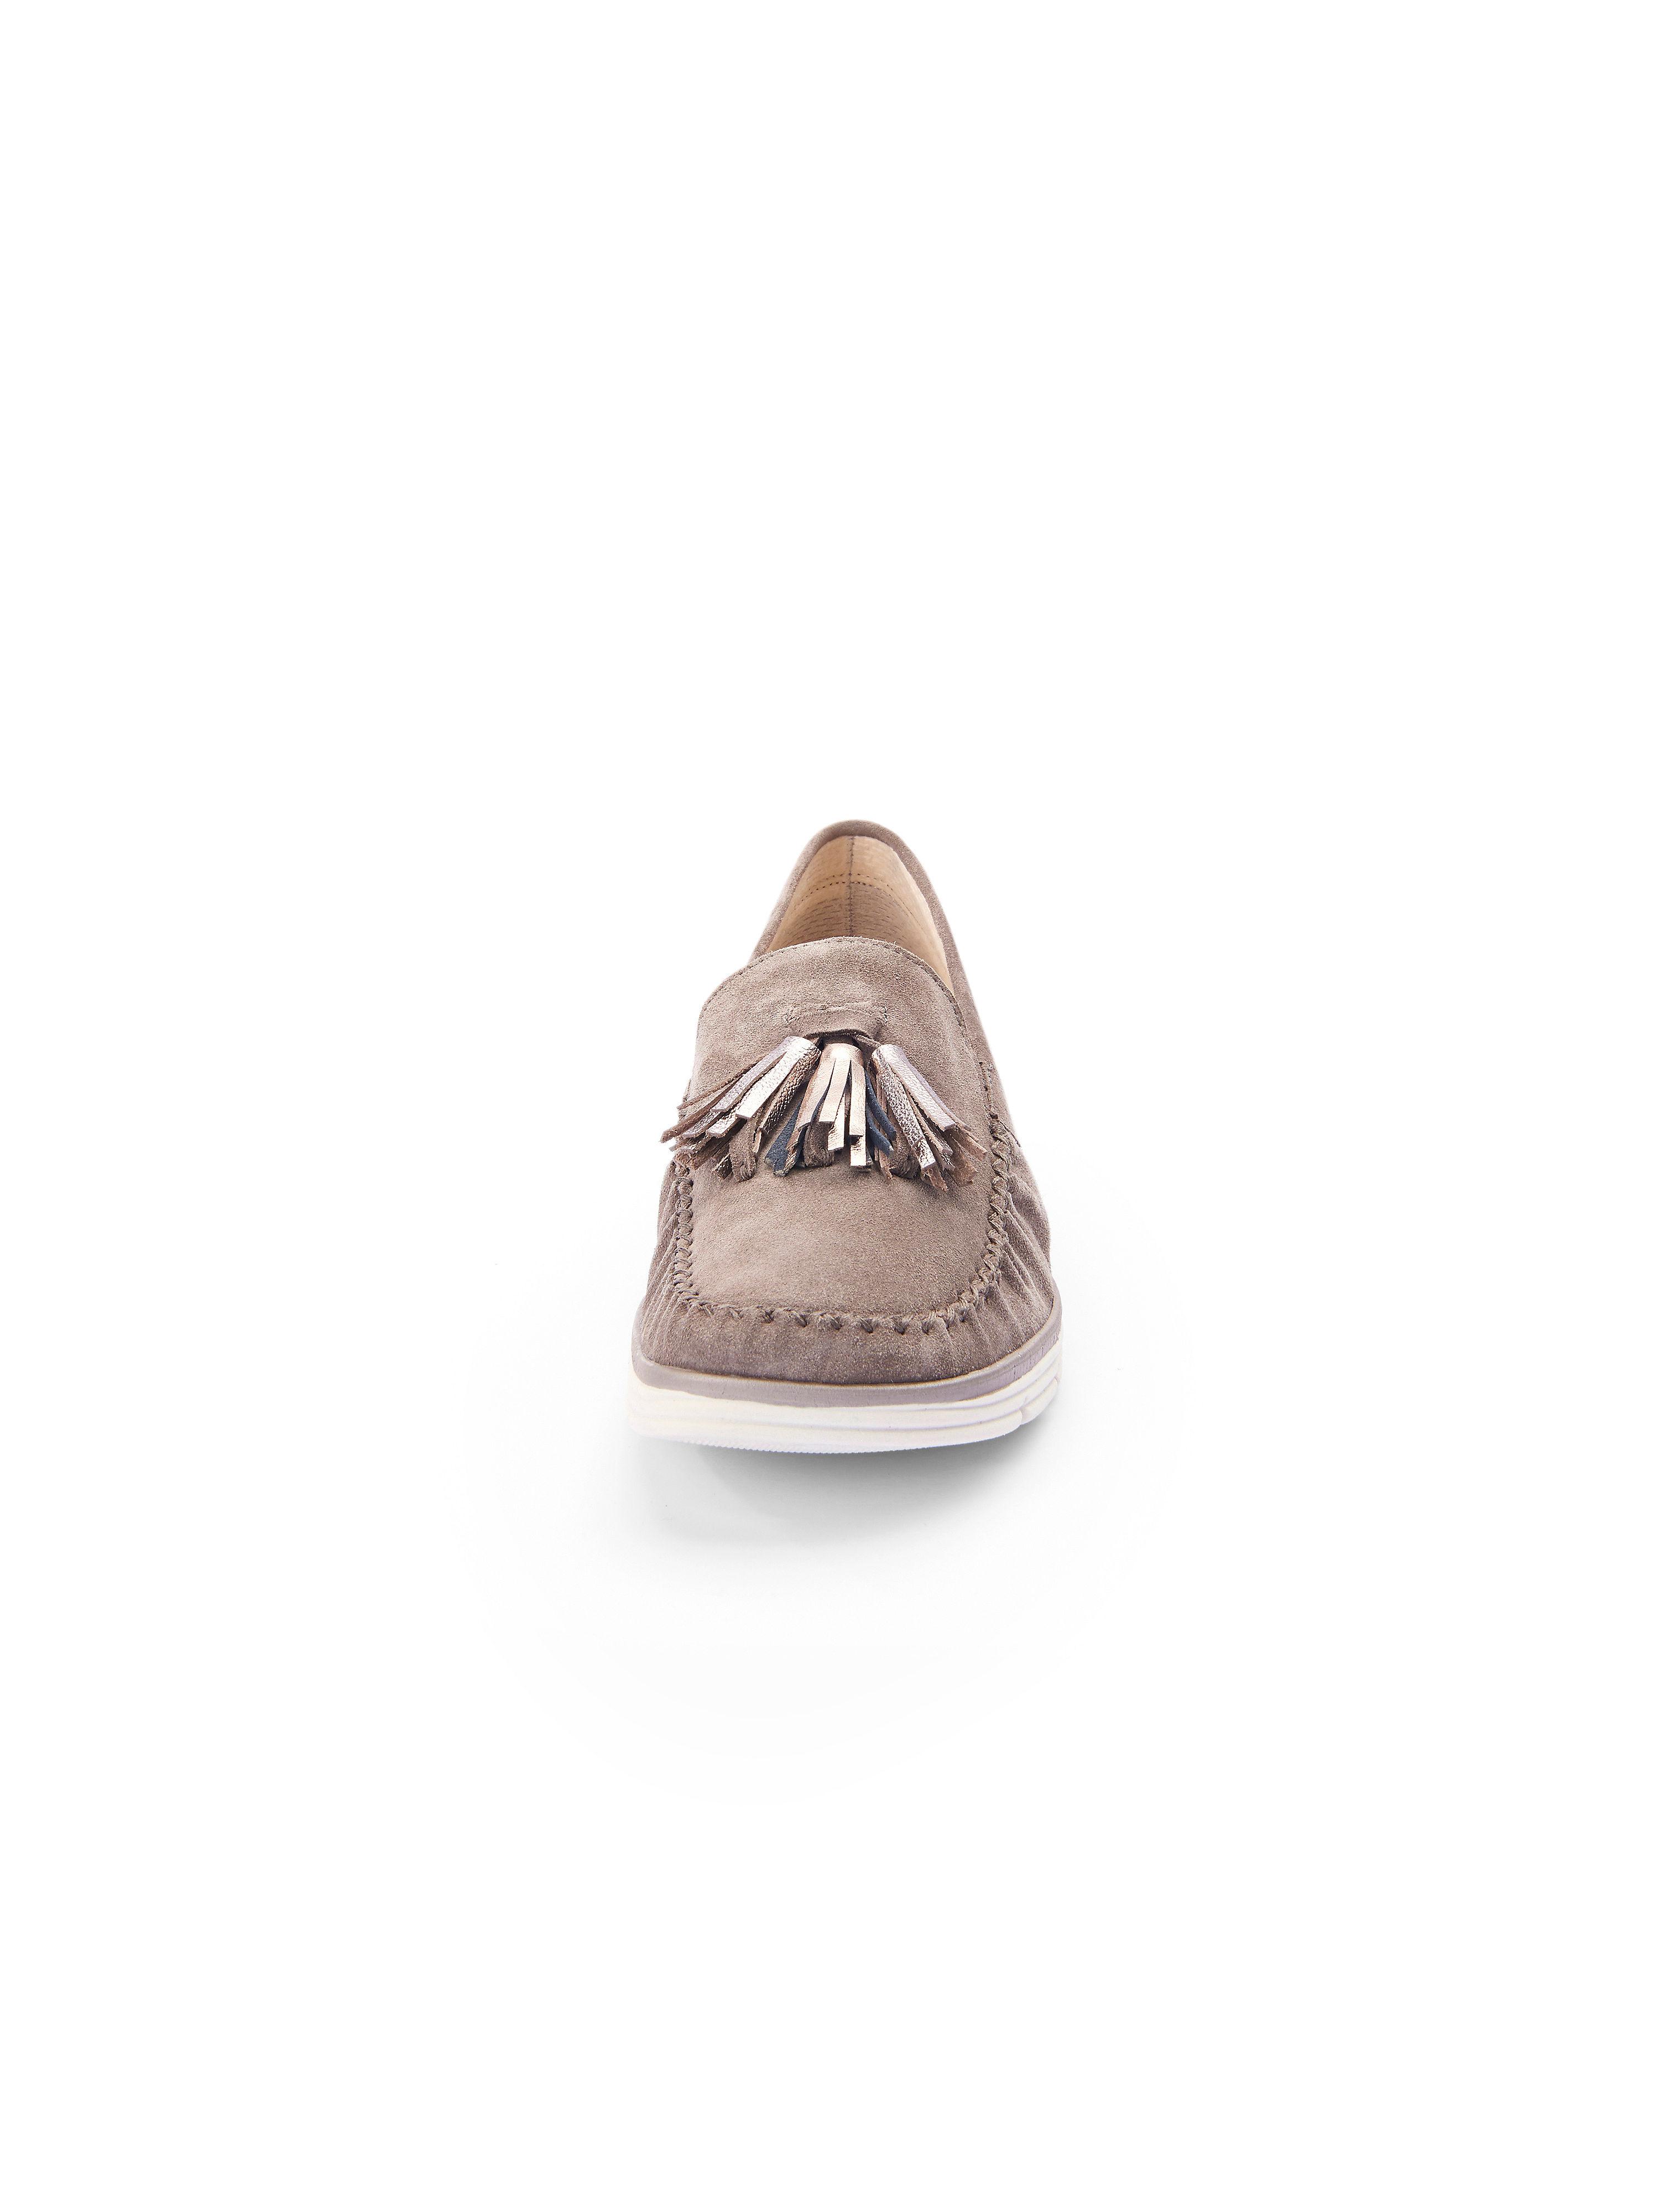 Gabor - Mokassin - Taupe Schuhe Gute Qualität beliebte Schuhe Taupe 6945a7